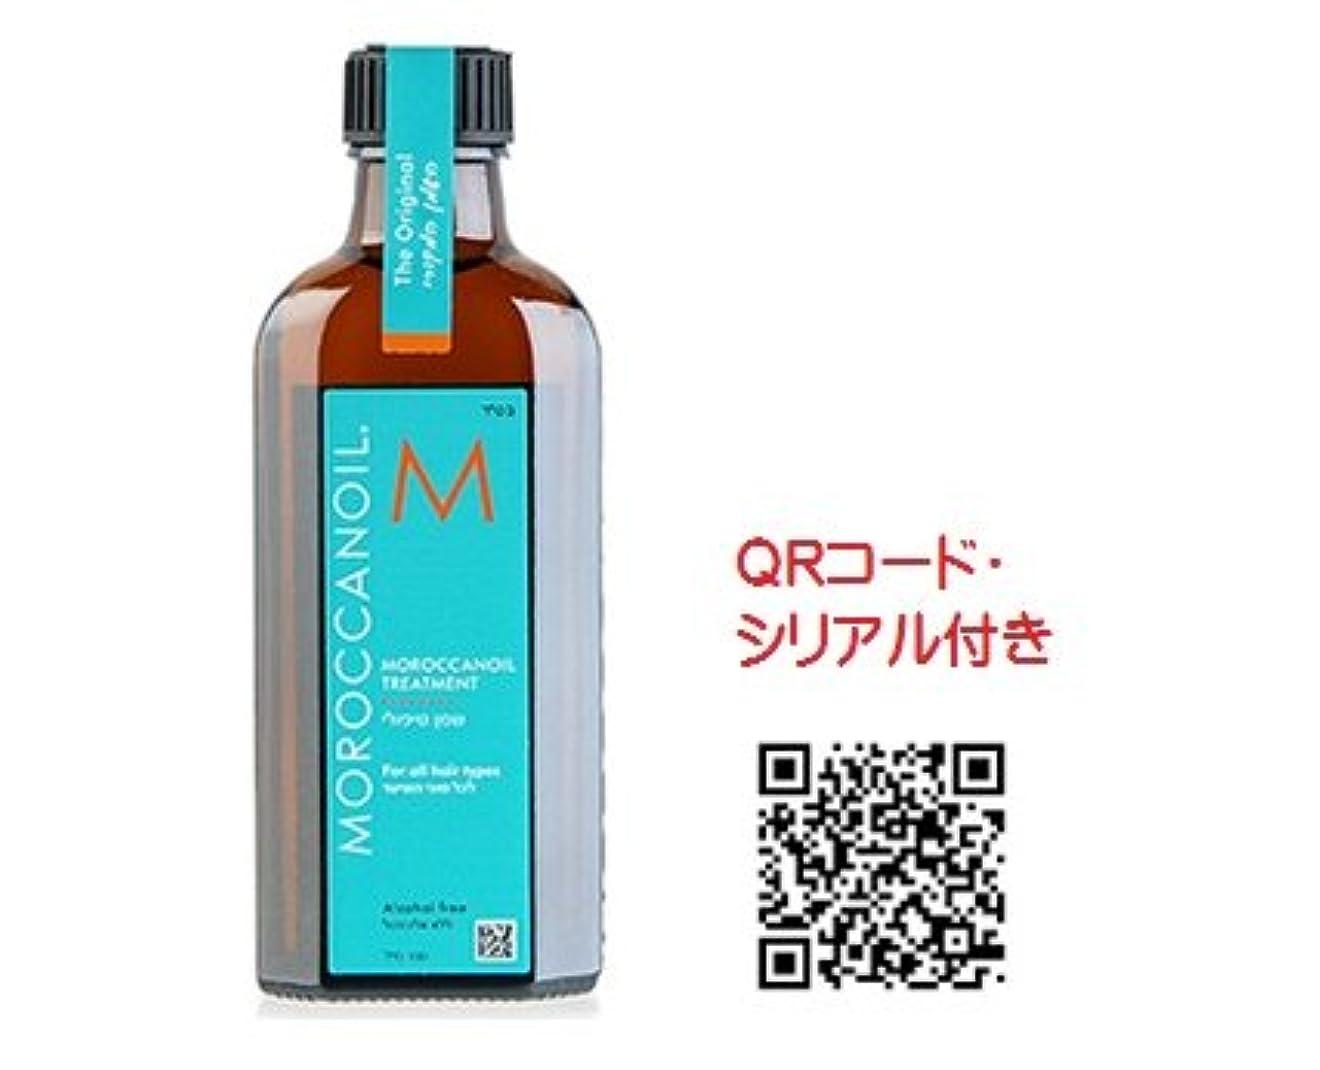 試み費用カスタム【増量サイズ125ml】モロッカンオイル ポンプ付き  国内正規品